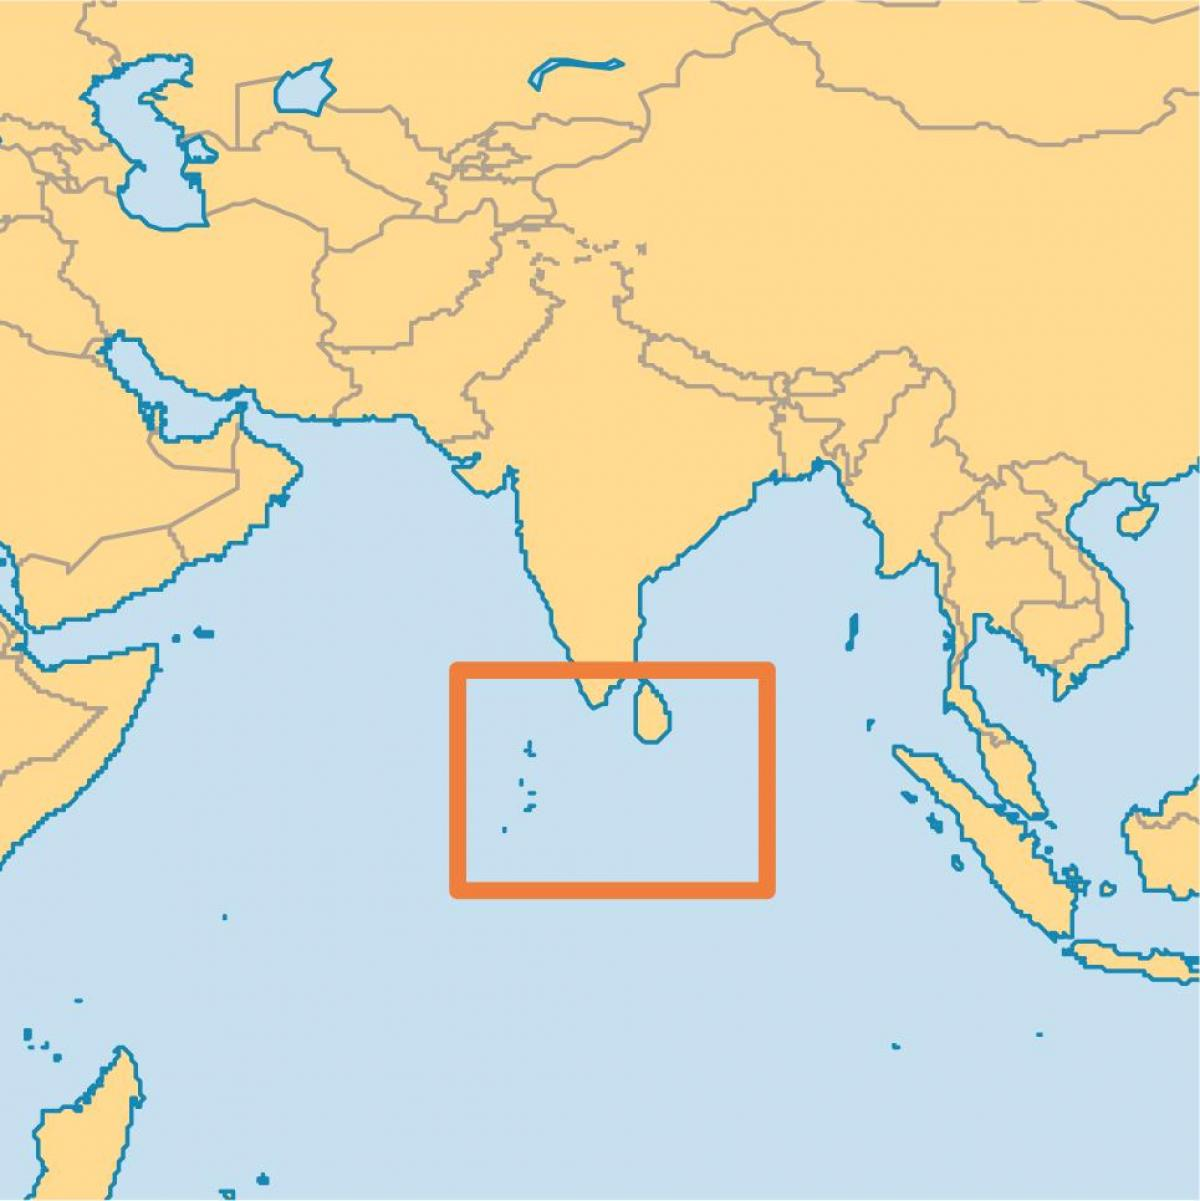 Carte Asie Maldives.Carte Du Monde Des Maldives Les Iles Maldives Ile Localisation Sur